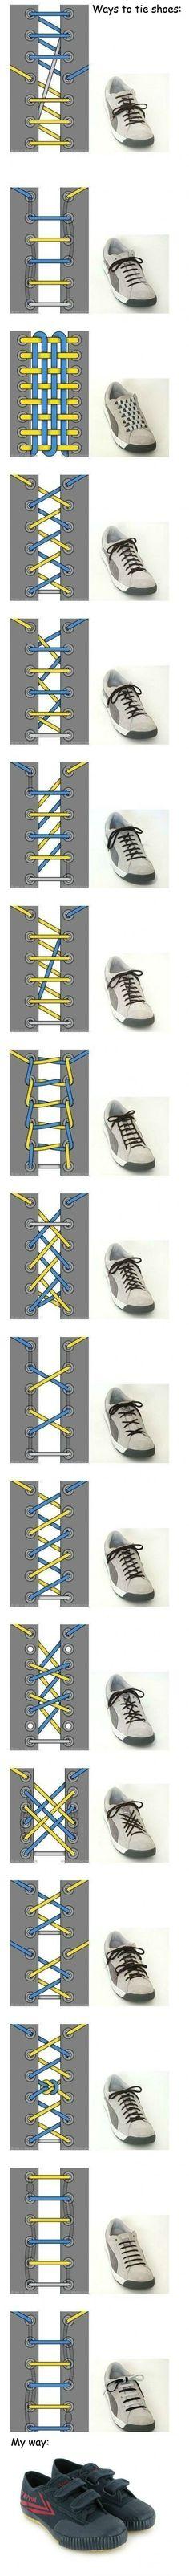 Способы шнуркования